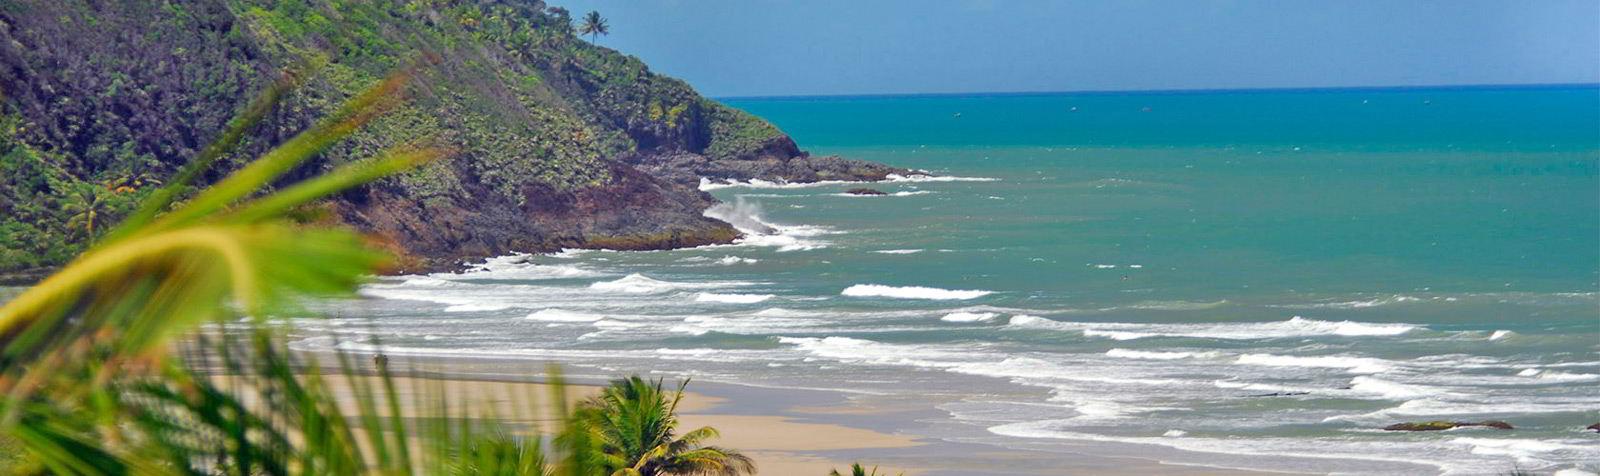 Vista panorâmica da praia em meio a natureza com mar azul céu